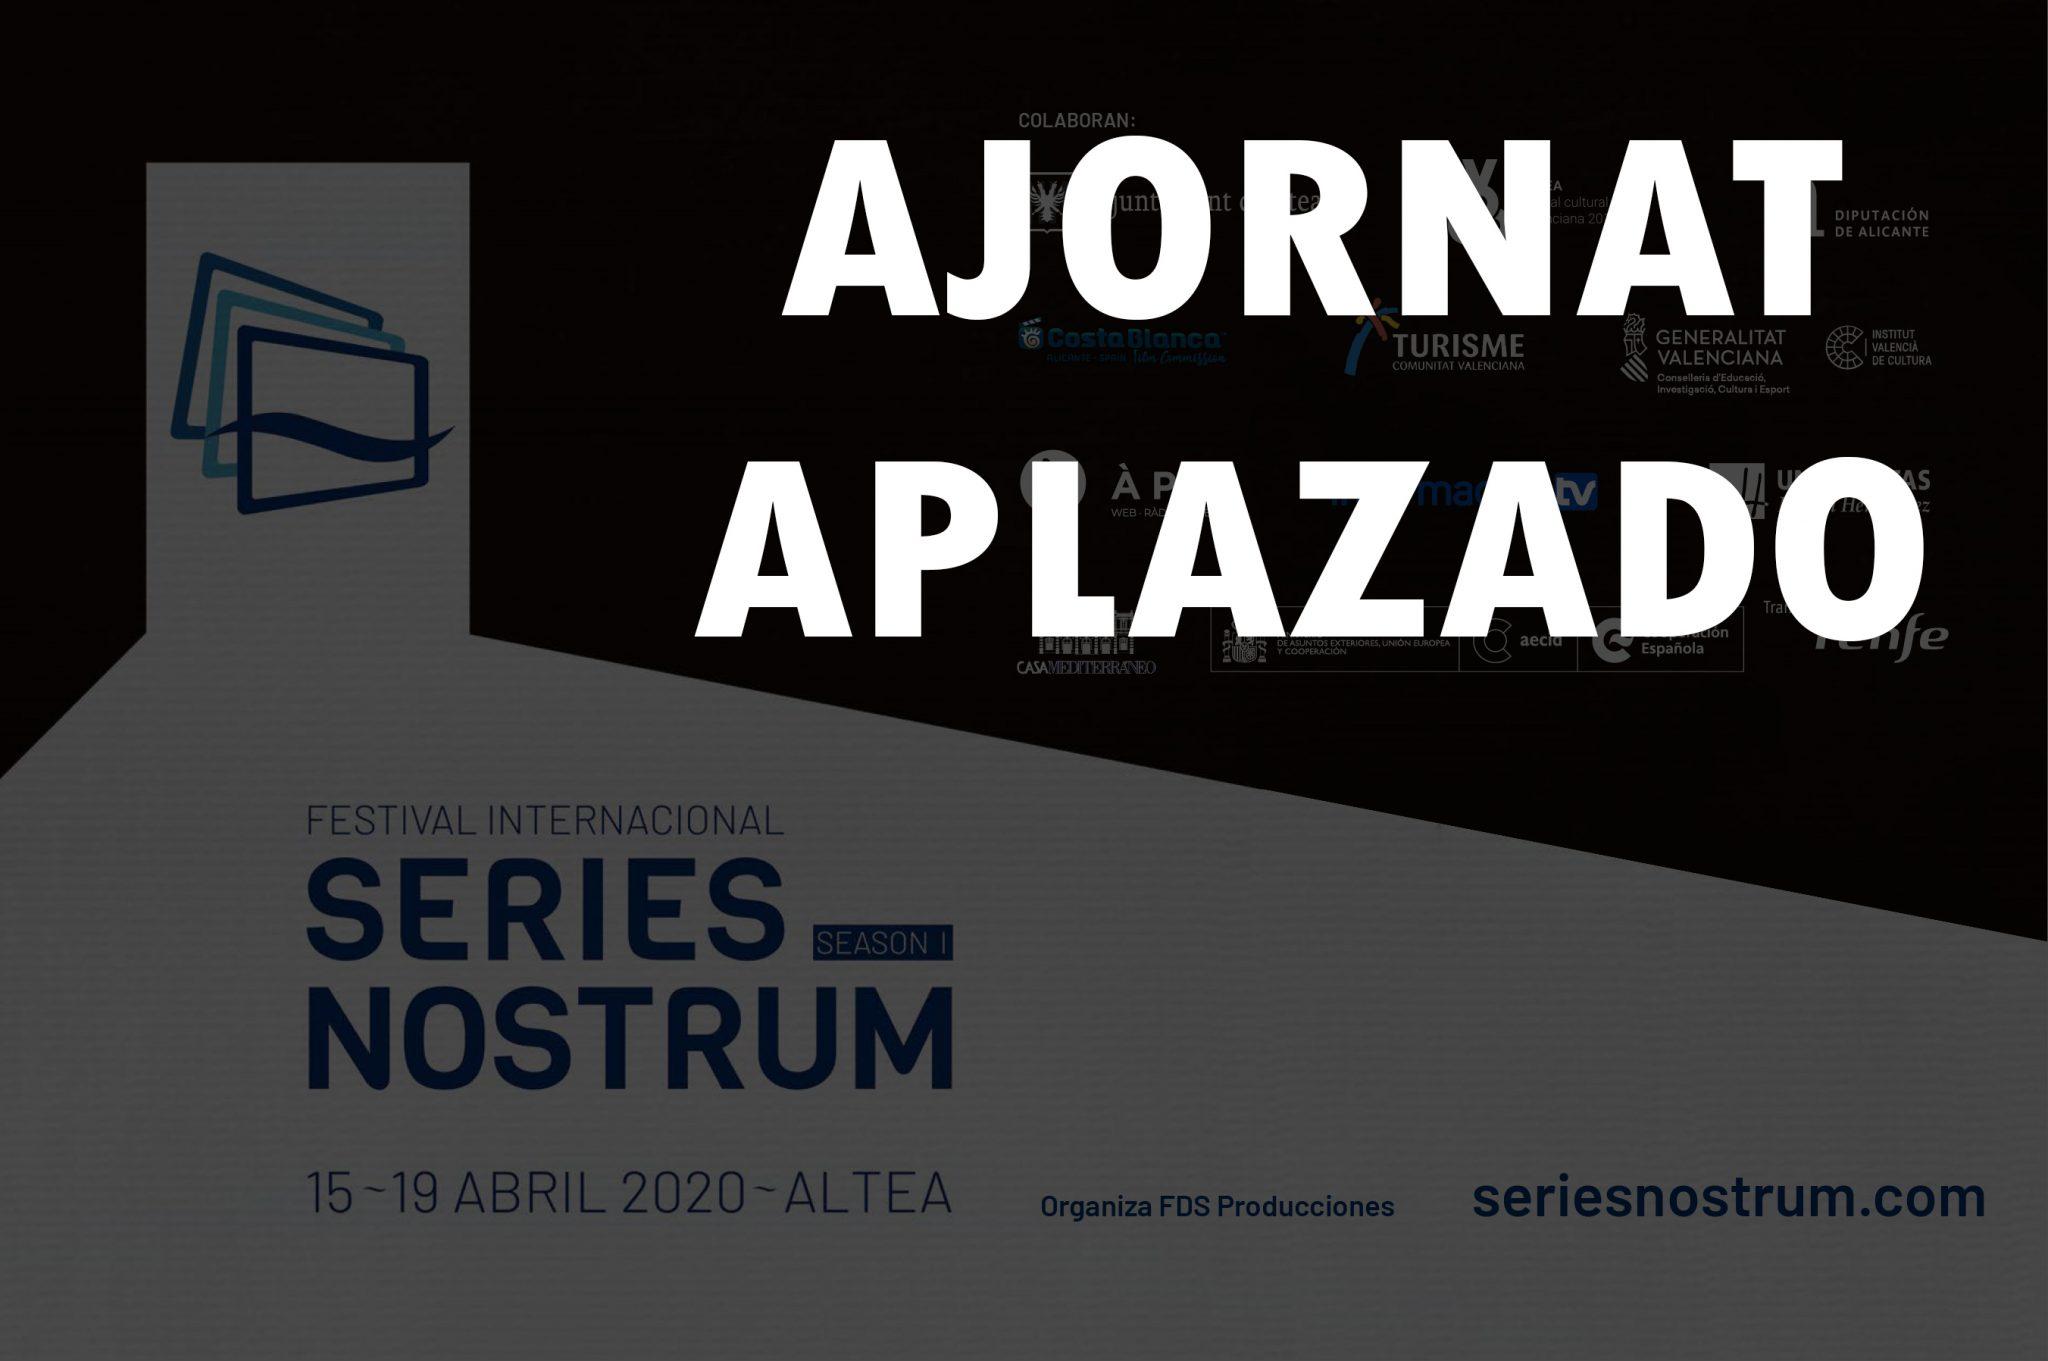 El Festival Series Nostrum ajorna la celebració de la seua primera edició a Altea